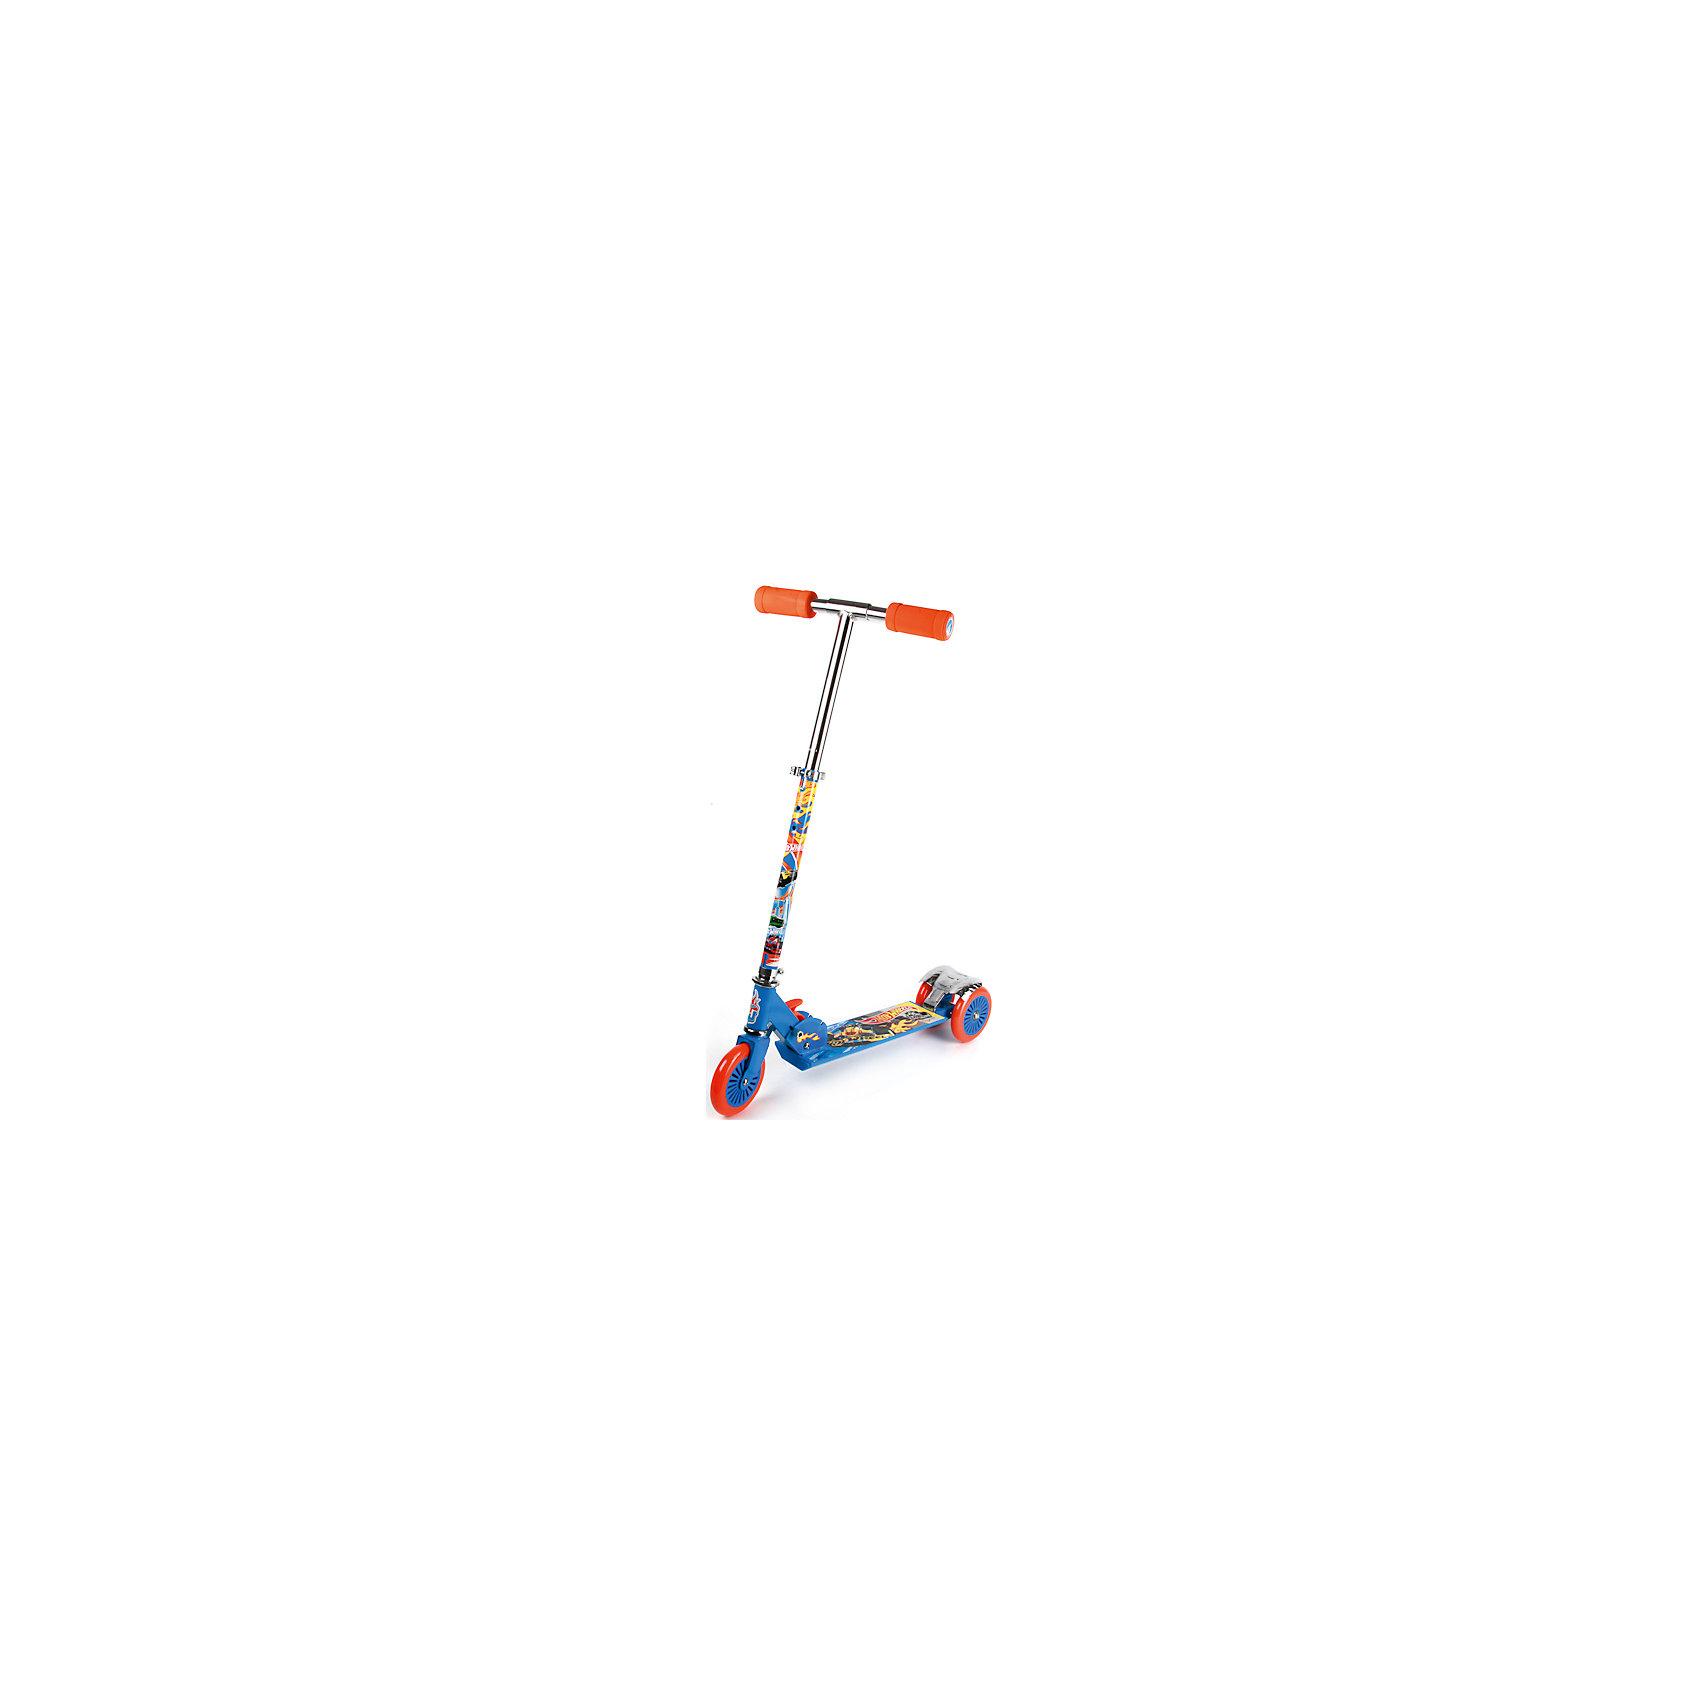 Трехколесный самокат, Hot WheelsСамокаты<br>Характеристики товара:<br><br>• материал: металл, полимер<br>• цвет: синий<br>• диаметр колес: 120 мм<br>• складной<br>• удобный руль <br>• высота руля регулируется<br>• максимальный вес: 50 кг<br>• удобная платформа<br>• небольшой вес<br>• надежные материалы<br>• продуманная конструкция<br>• стильный дизайн<br>• возраст: от 3 лет<br>• размер платформы: 34х9,4 см<br>• высота руля: до 120 см<br><br>Подарить ребенку такой самокат - значит, помочь его развитию! Самокат способствует скорейшему развитию способности ориентироваться в пространстве, развивает физические способности, мышление и ловкость. Помимо этого, кататься на нём - очень увлекательное занятие!<br><br>Этот самокат выделяется устойчивой конструкцией и удобной платформой. Данная модель выполнена в стильном дизайне, отличается продуманным складным механизмом. Благодаря небольшому весу и компактному размеру такой самокат легко возить с собой. Отличный подарок для активного ребенка!<br><br>Трехколесный самокат, Hot Wheels, от бренда Next можно купить в нашем интернет-магазине.<br><br>Ширина мм: 630<br>Глубина мм: 410<br>Высота мм: 440<br>Вес г: 2870<br>Возраст от месяцев: 36<br>Возраст до месяцев: 144<br>Пол: Мужской<br>Возраст: Детский<br>SKU: 4616880